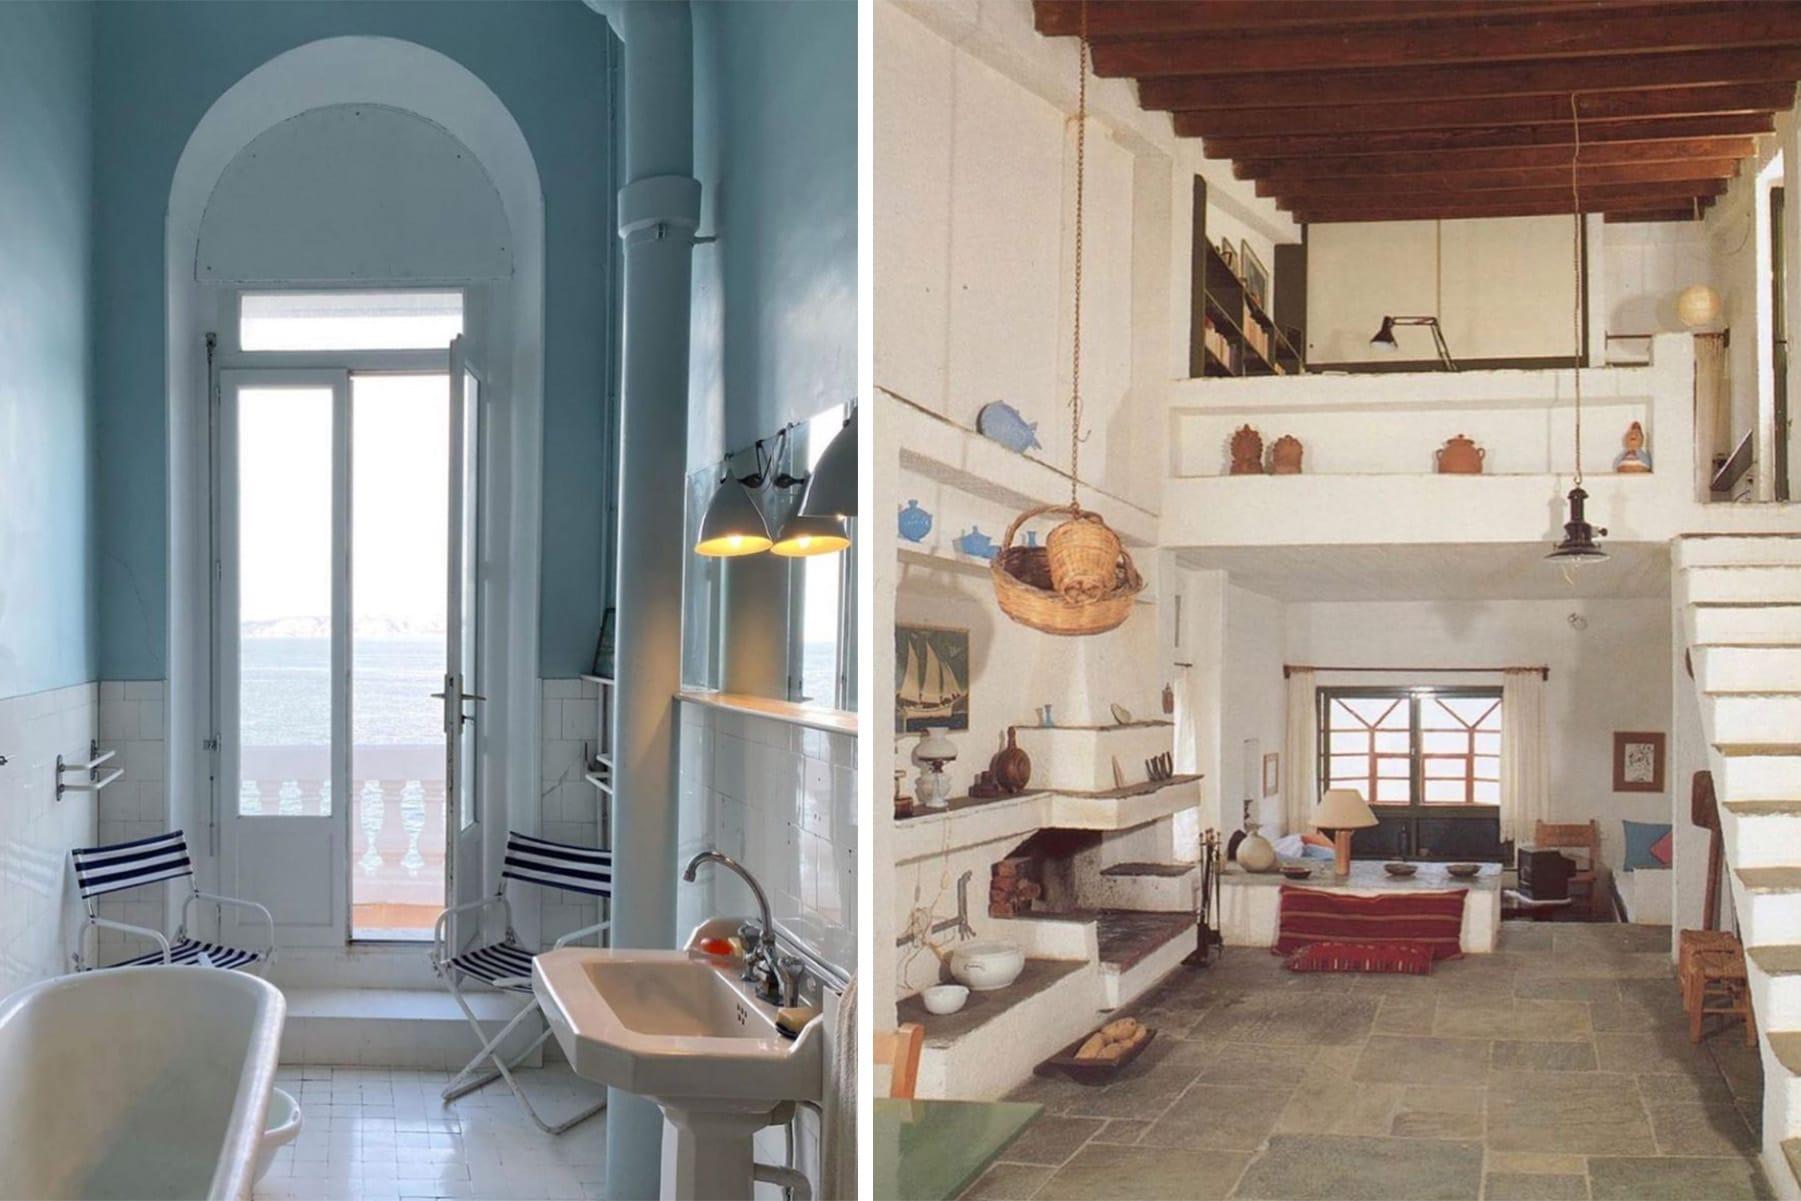 european inspired interiors